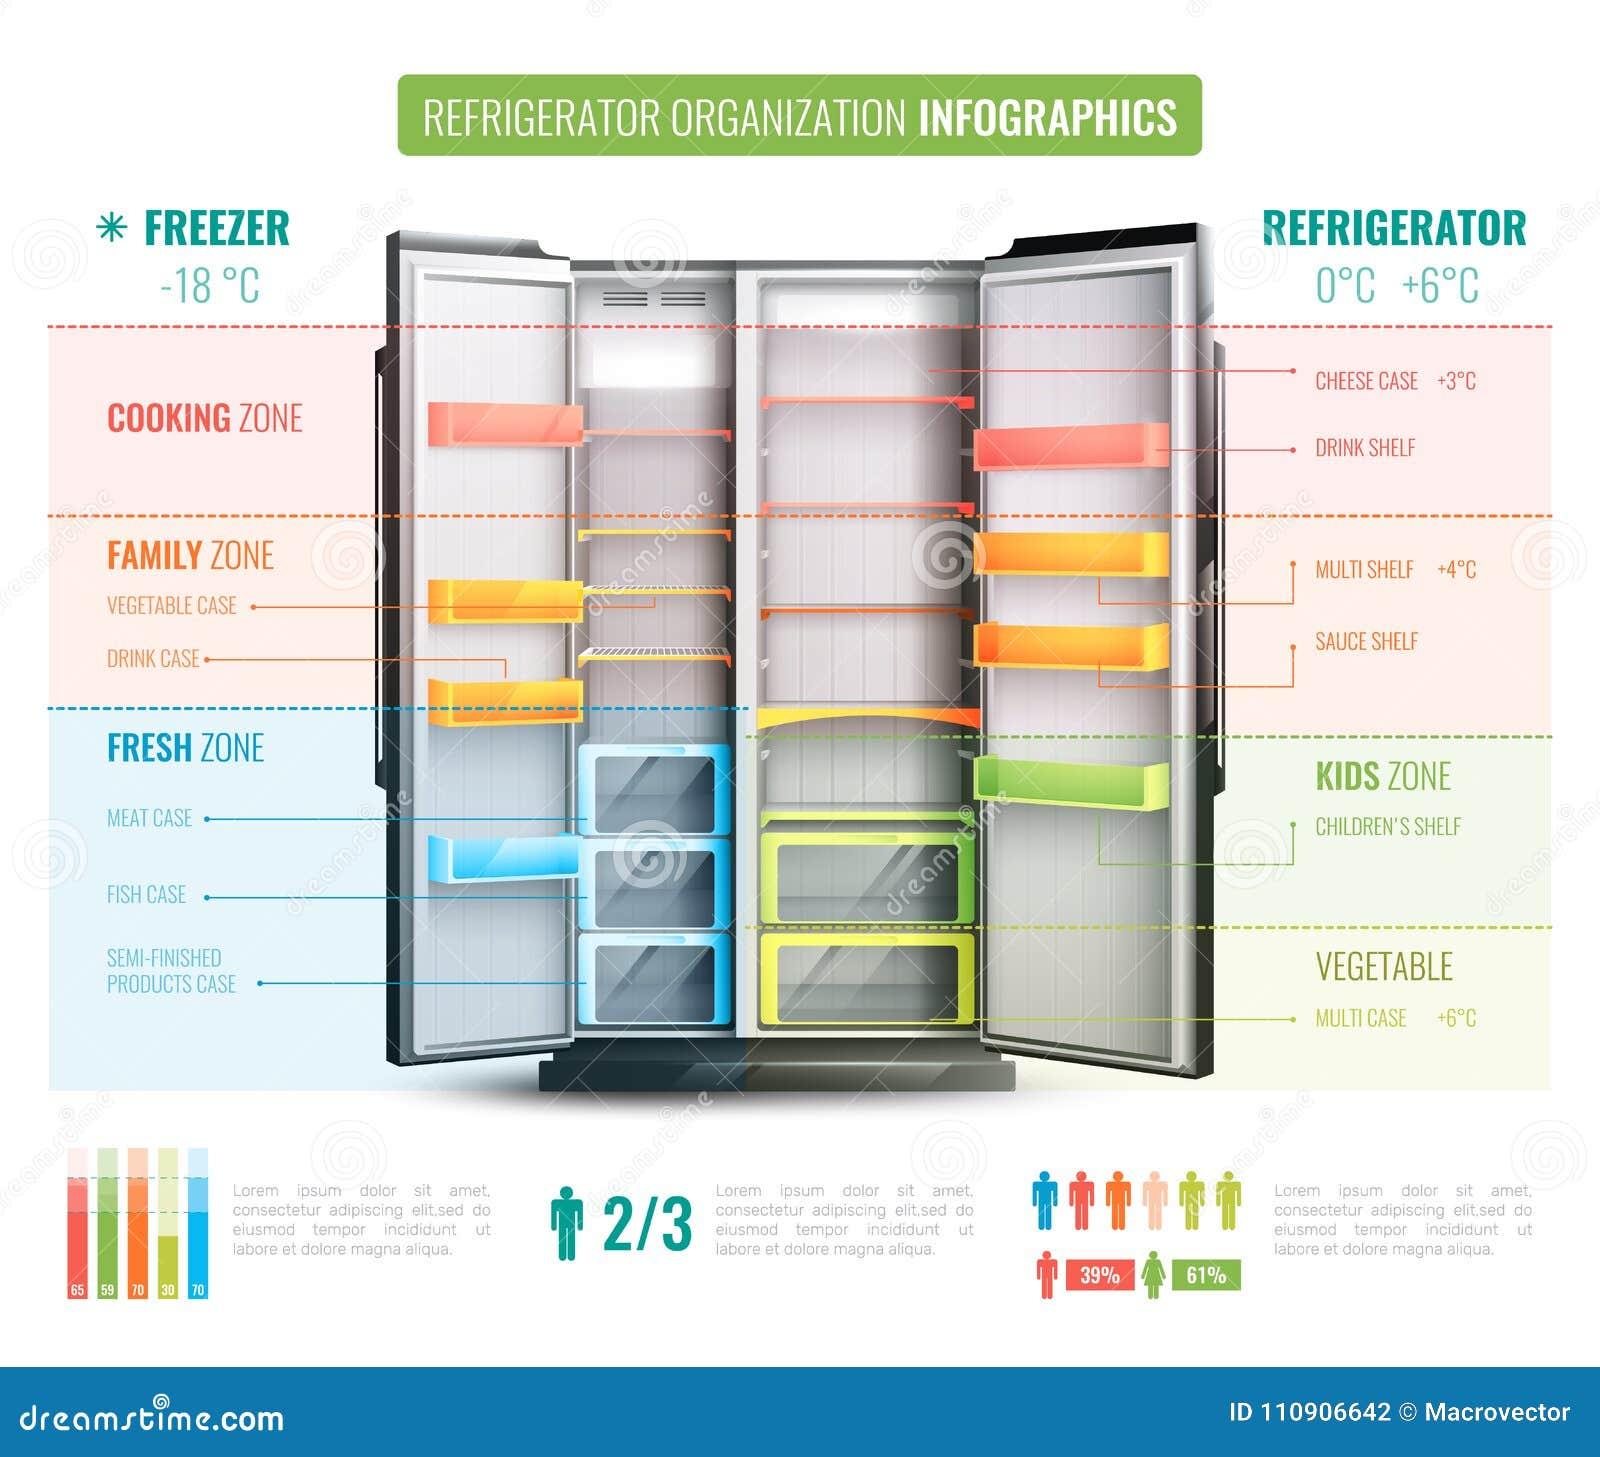 Organización Infographics del refrigerador